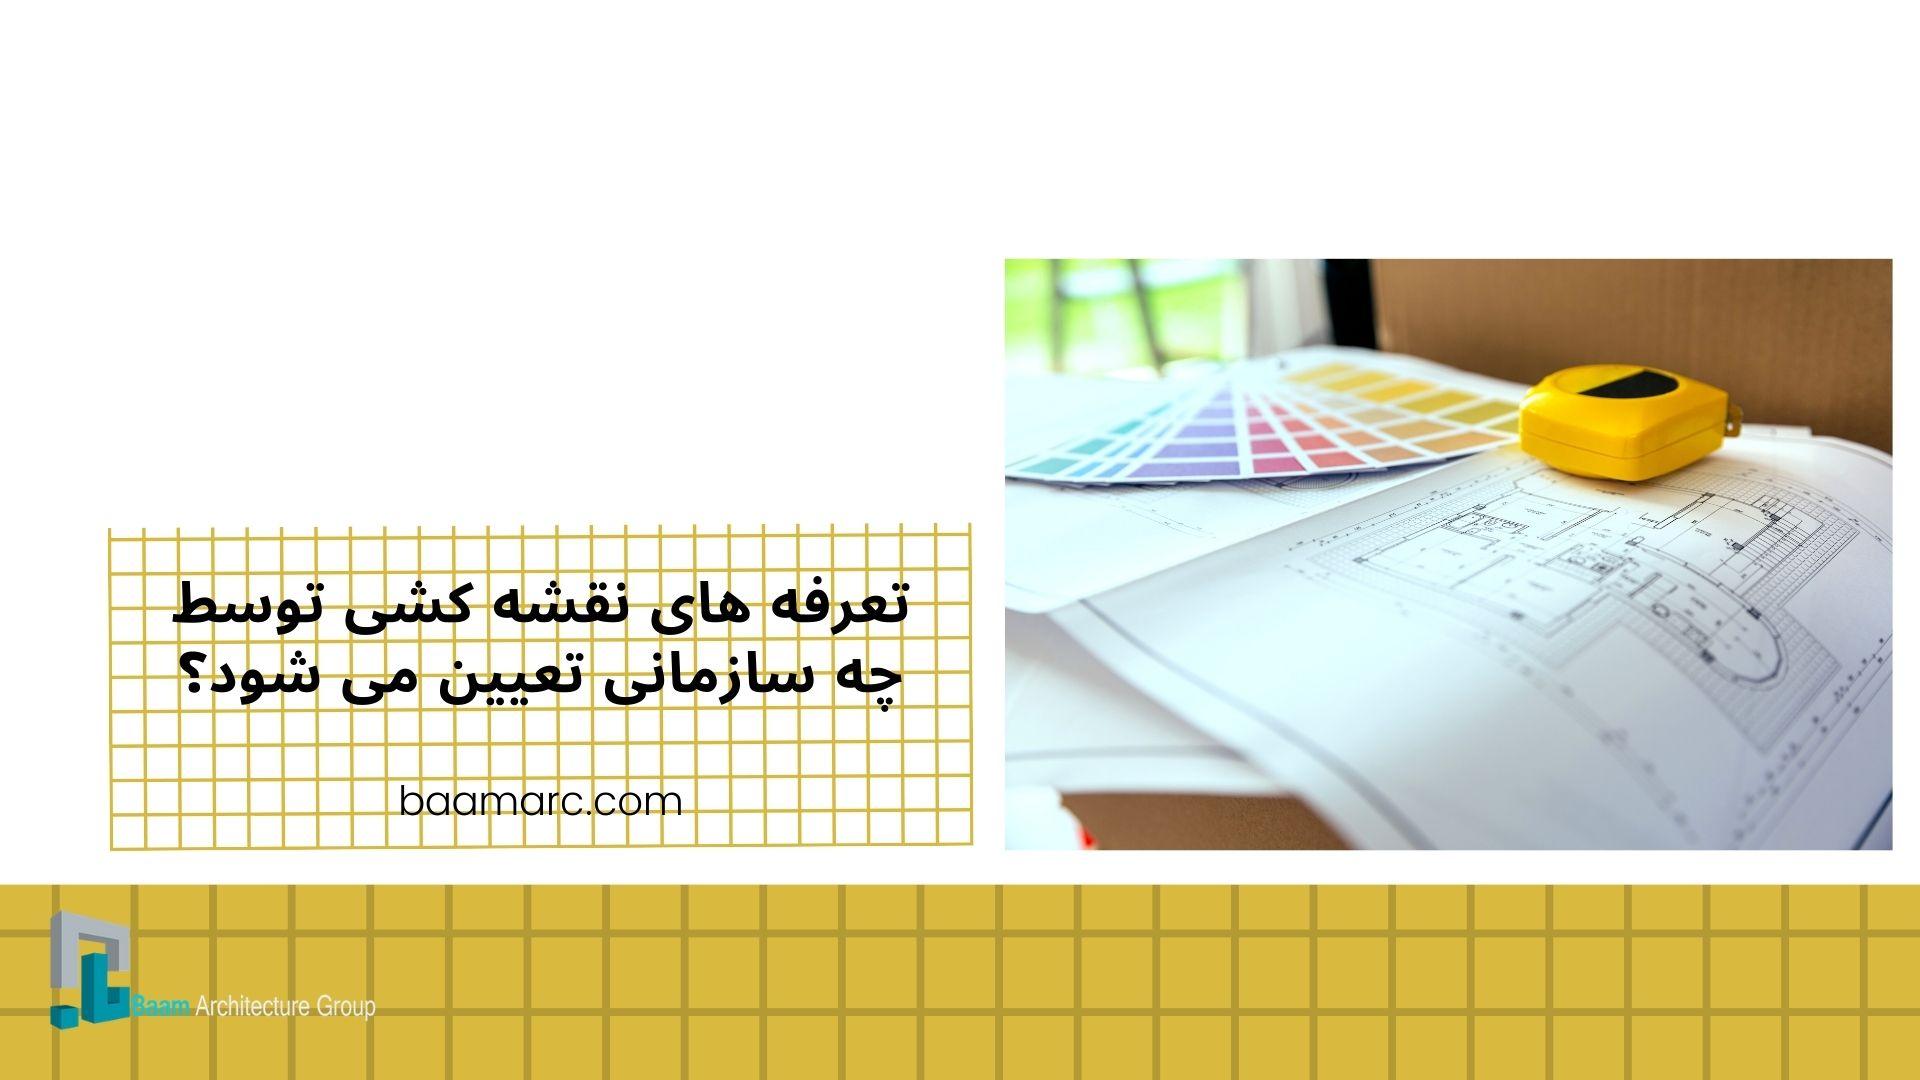 تعرفه های نقشه کشی توسط چه سازمانی تعیین می شود